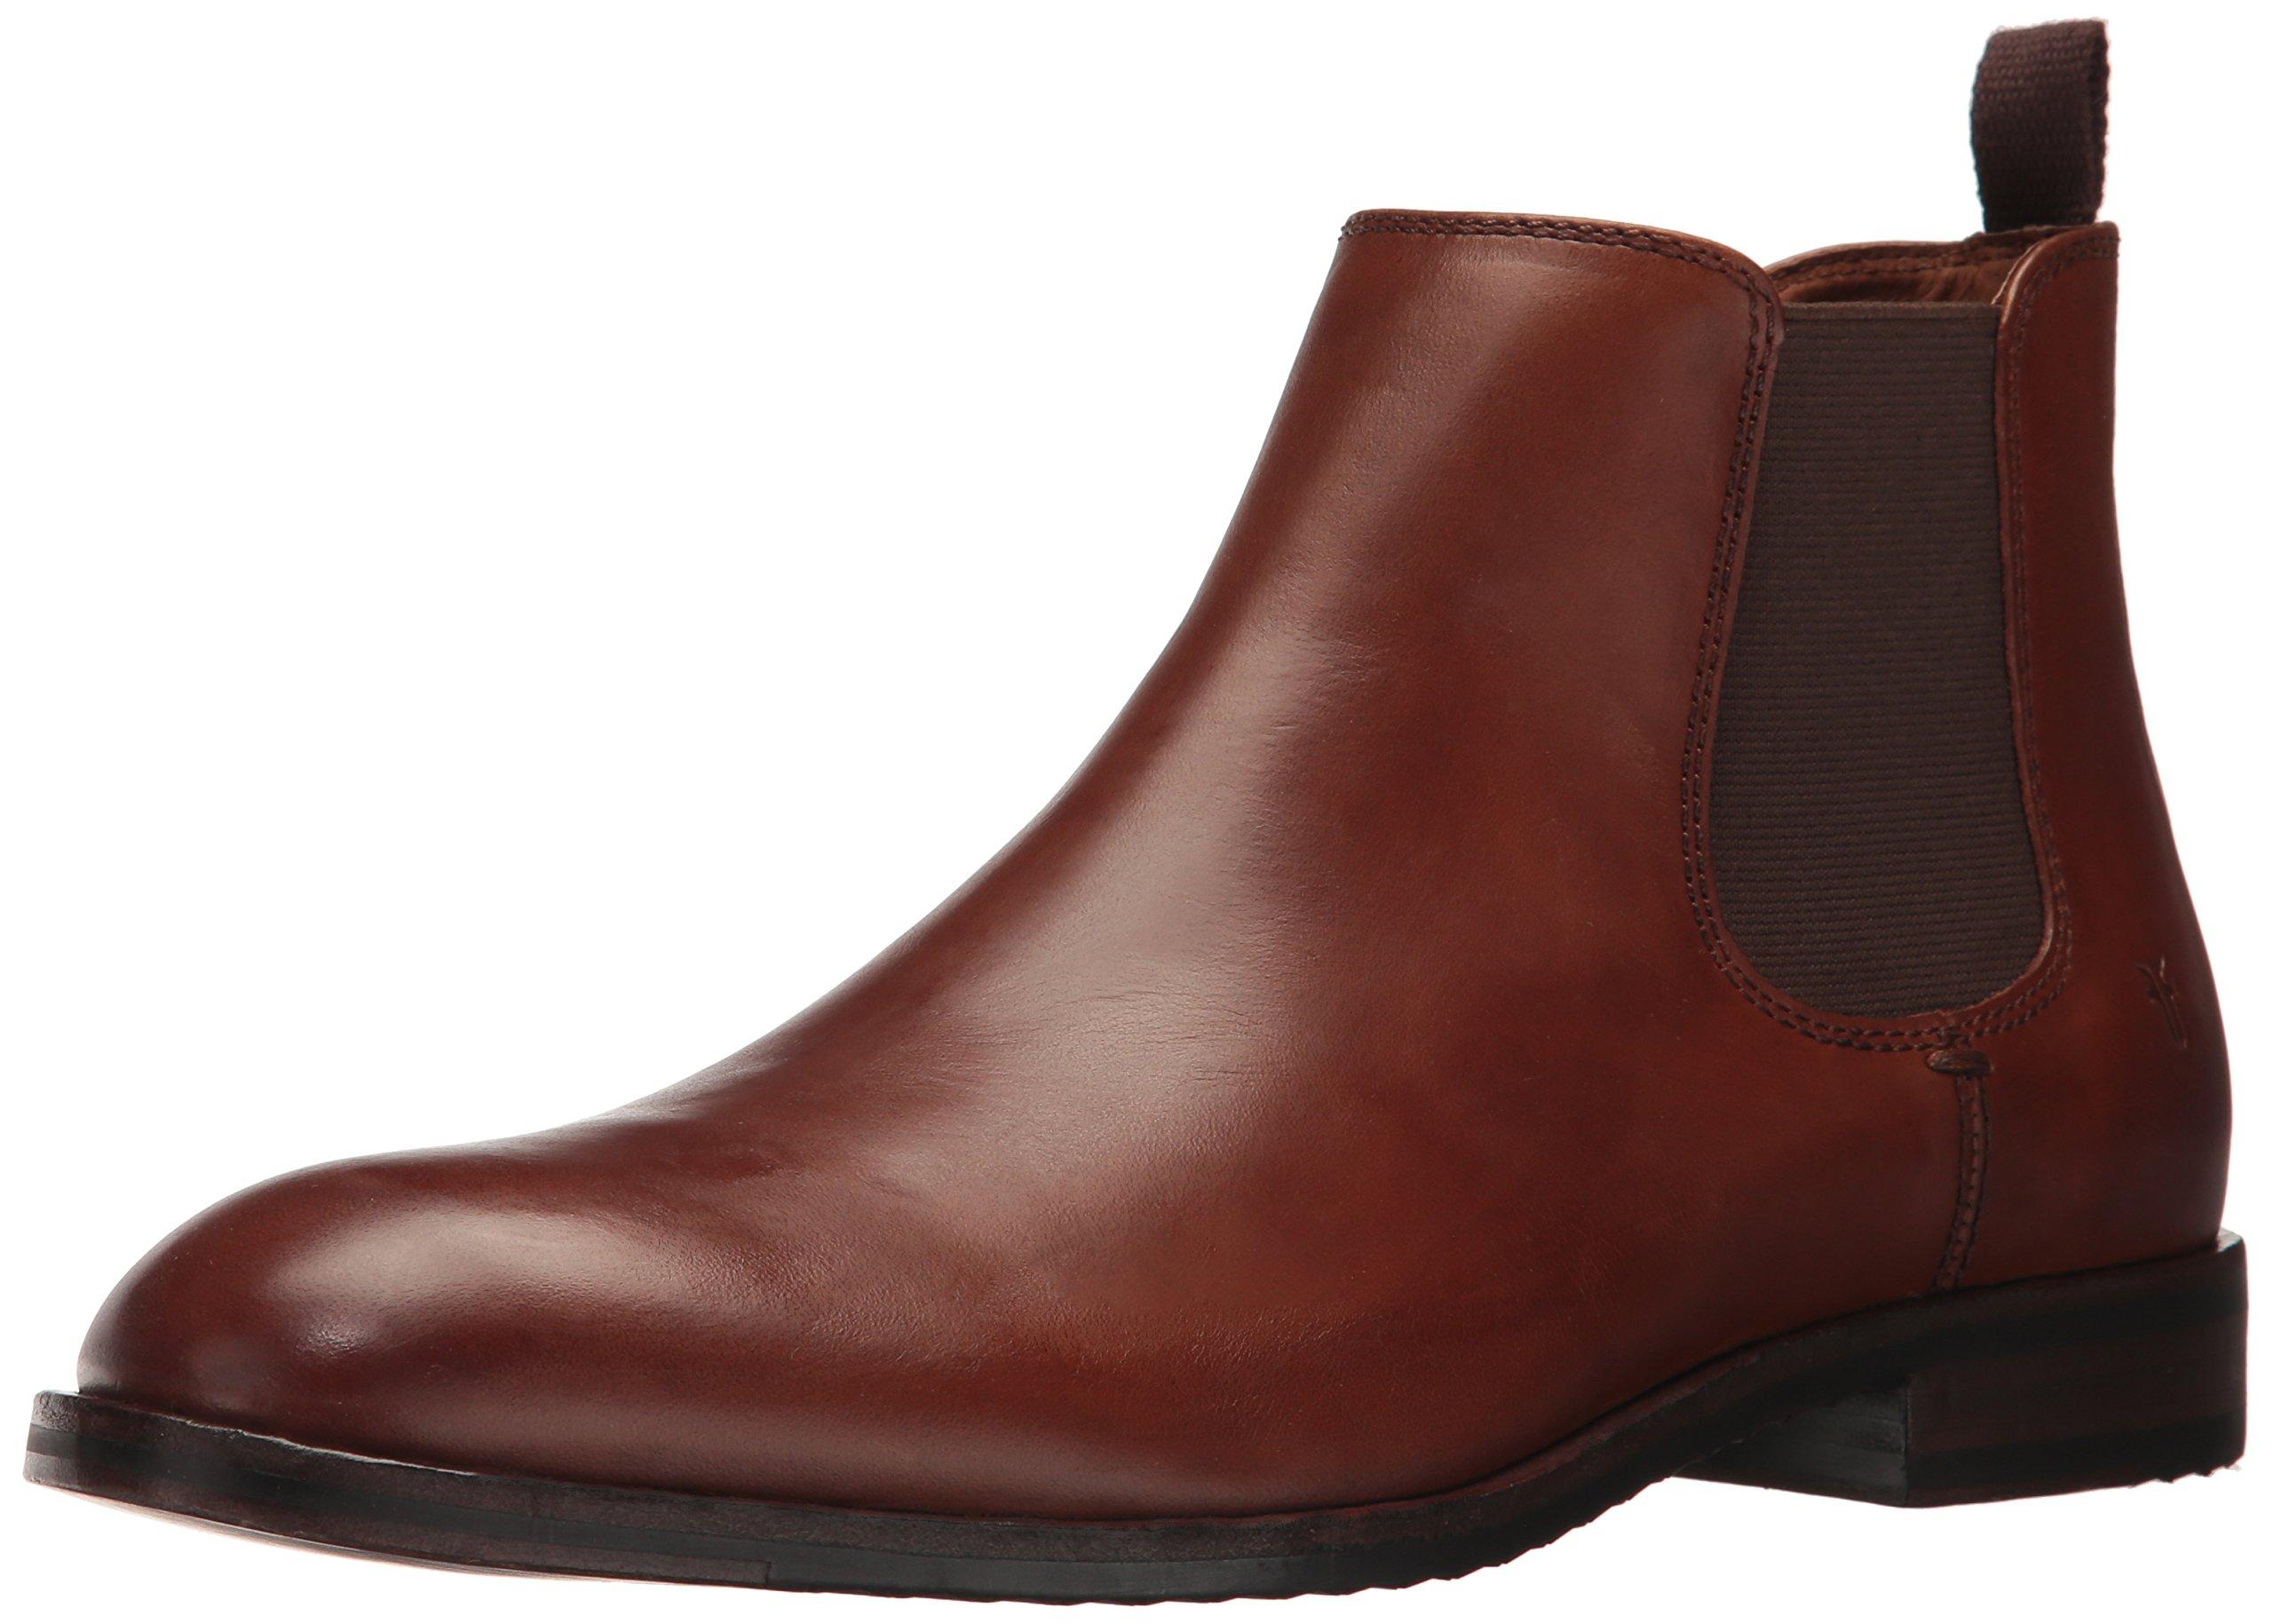 FRYE Men's Sam Chelsea Boot, Cognac, 8 D US